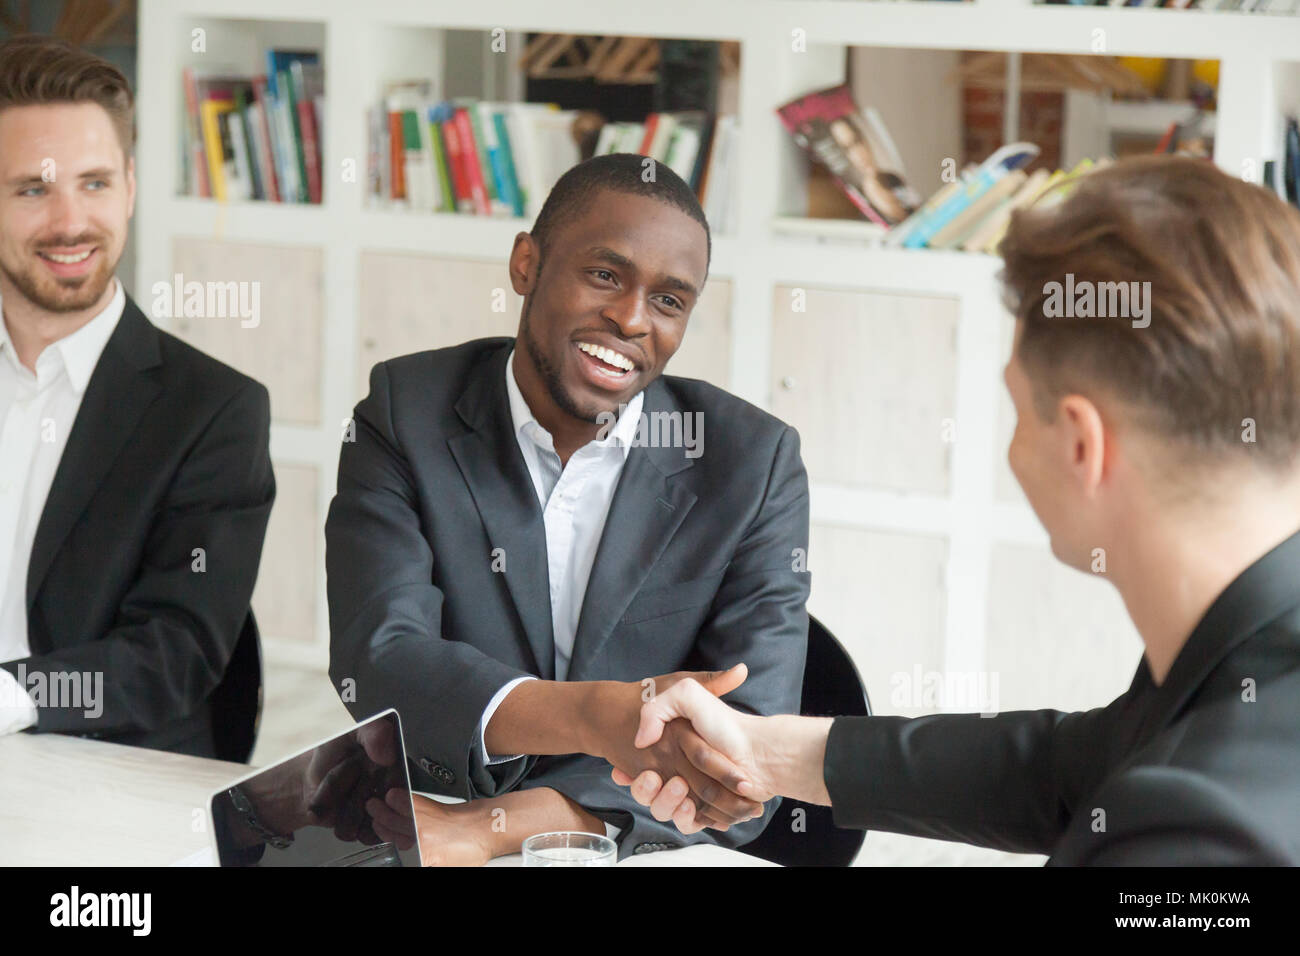 Teamleiter Gruß schwarzen Kollegin mit Förderung Stockfoto